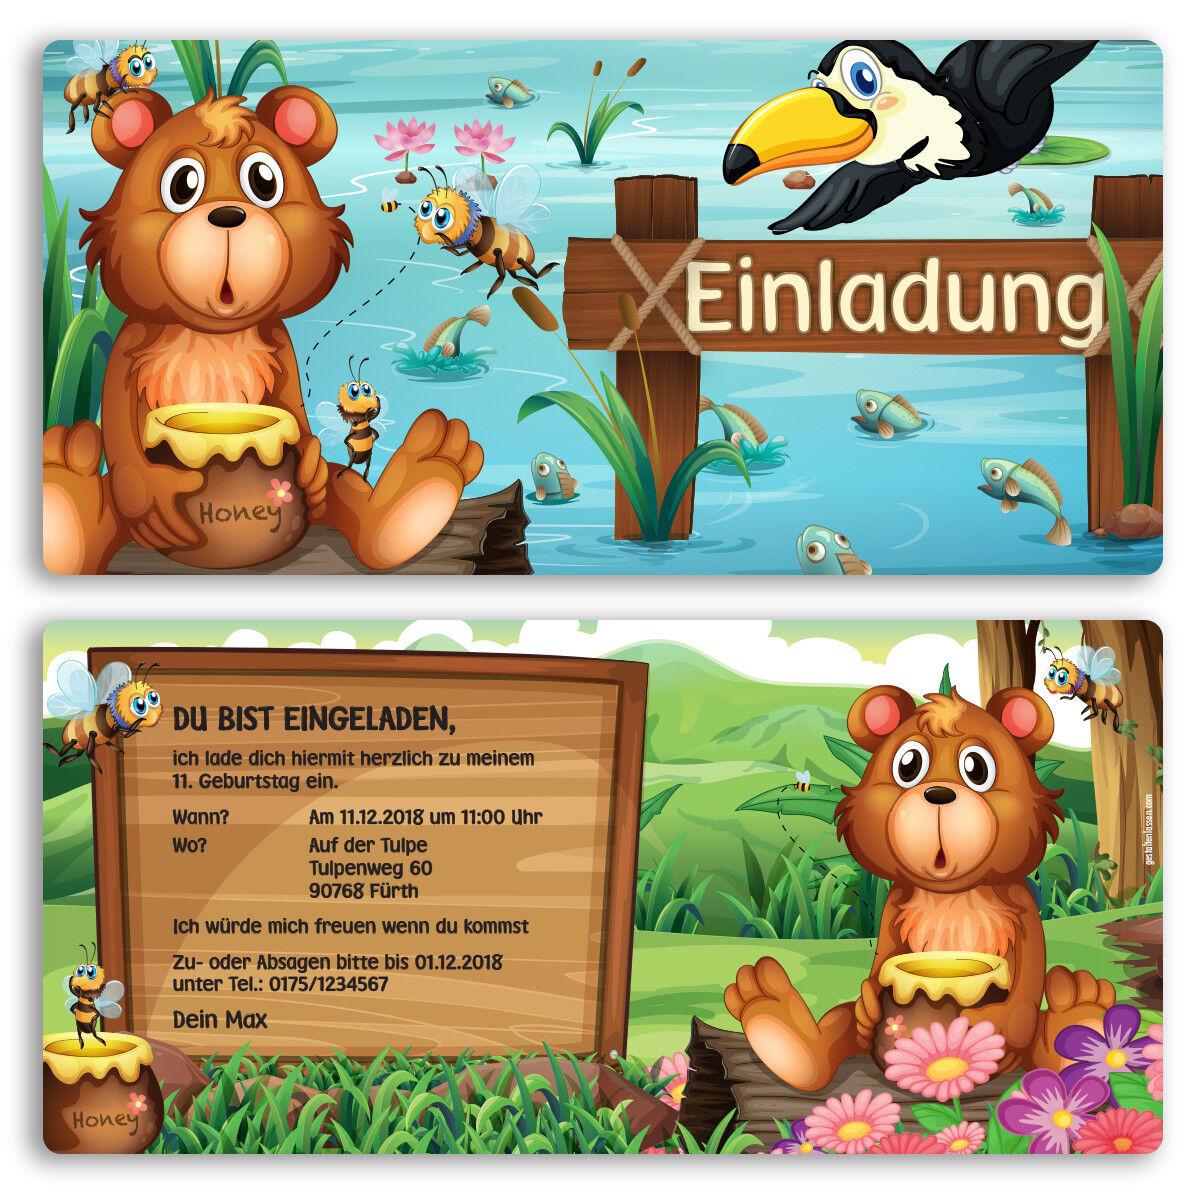 Einladung zum Geburtstag Geburtstag Geburtstag Bär Honig Karte Einladungskarten Kindergeburtstag | Ausgezeichnete Leistung  | Überlegen  4b9e9c